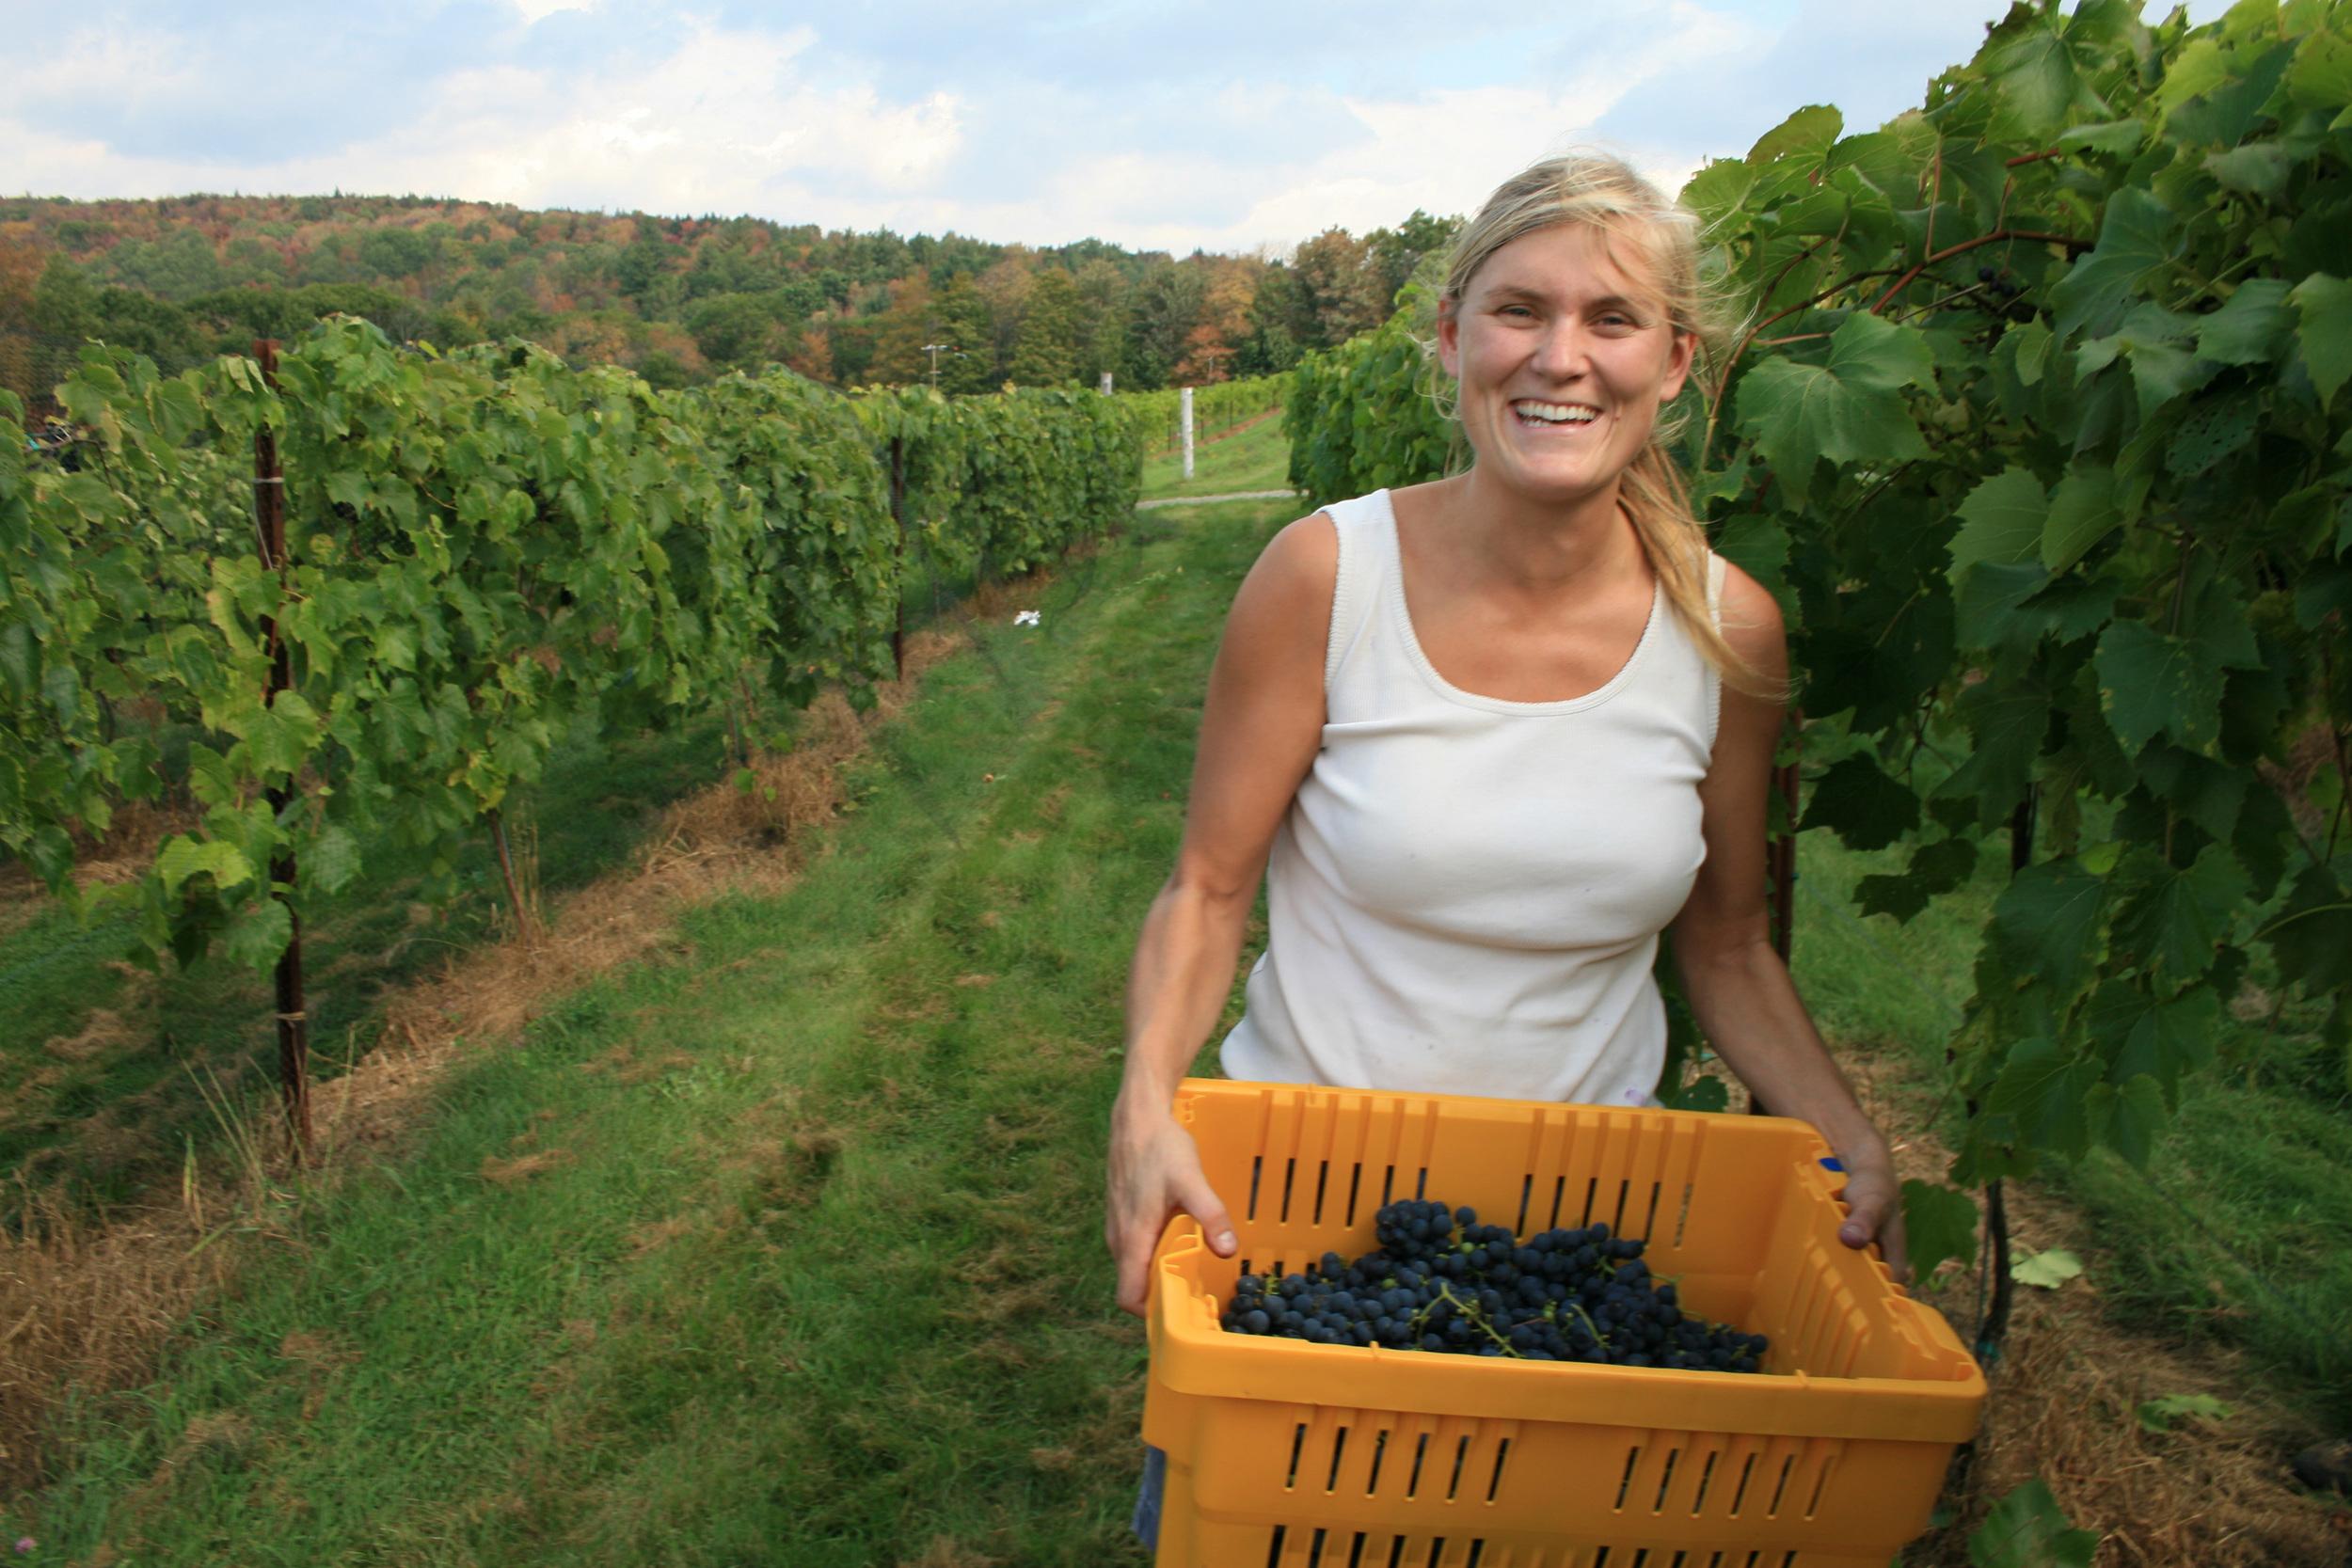 Harvest at Fresh Tracks Farm